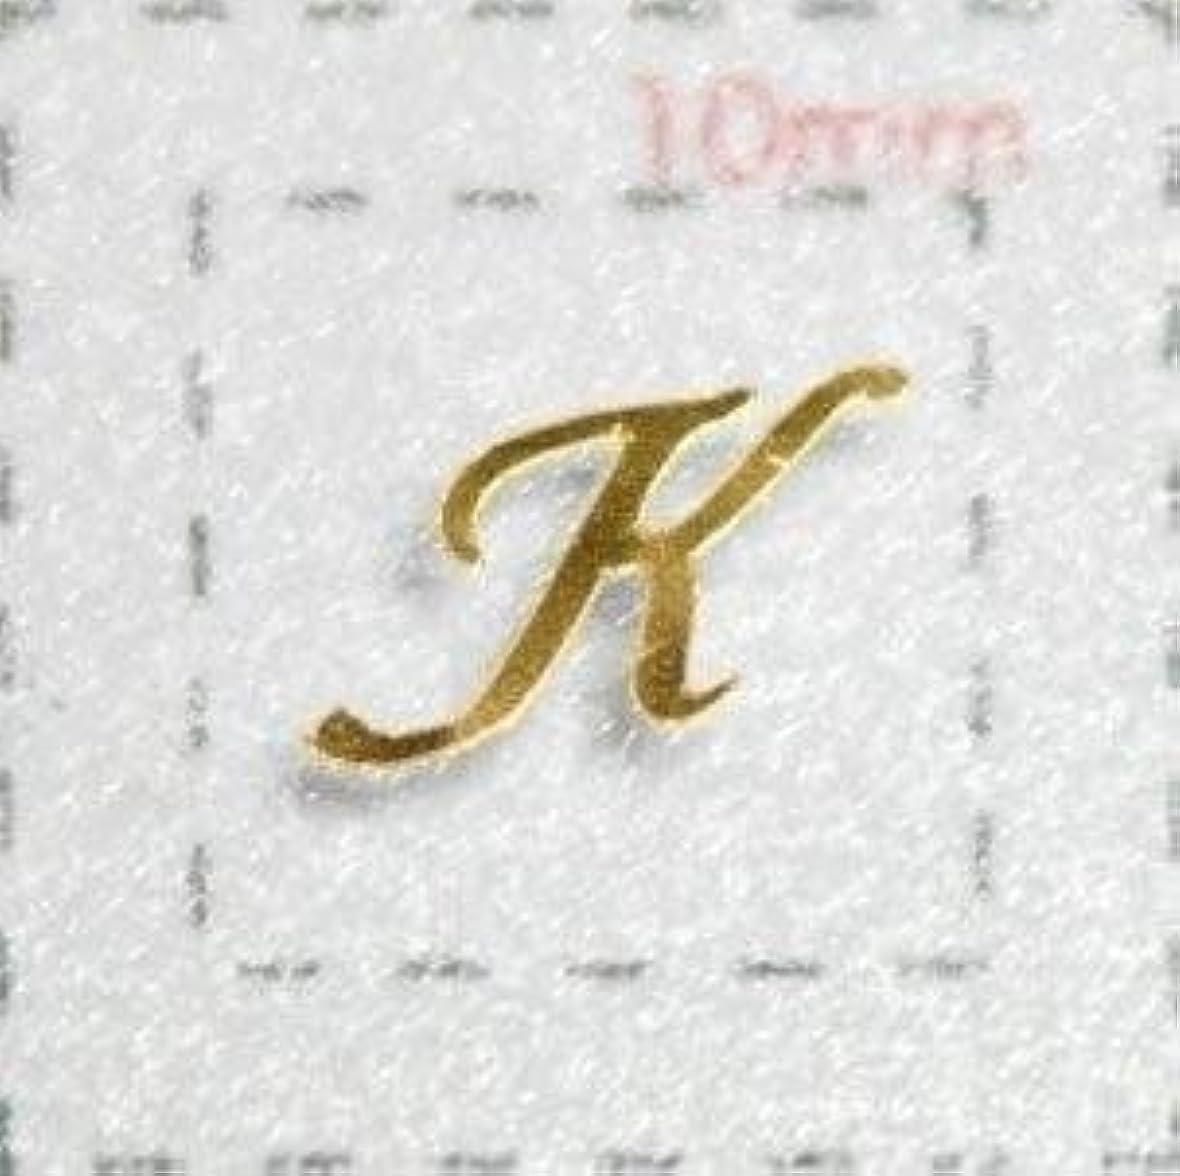 湿度アジア人ハミングバードNameネイルシール【アルファベット?イニシャル】大文字ゴールド( K )1シート9枚入